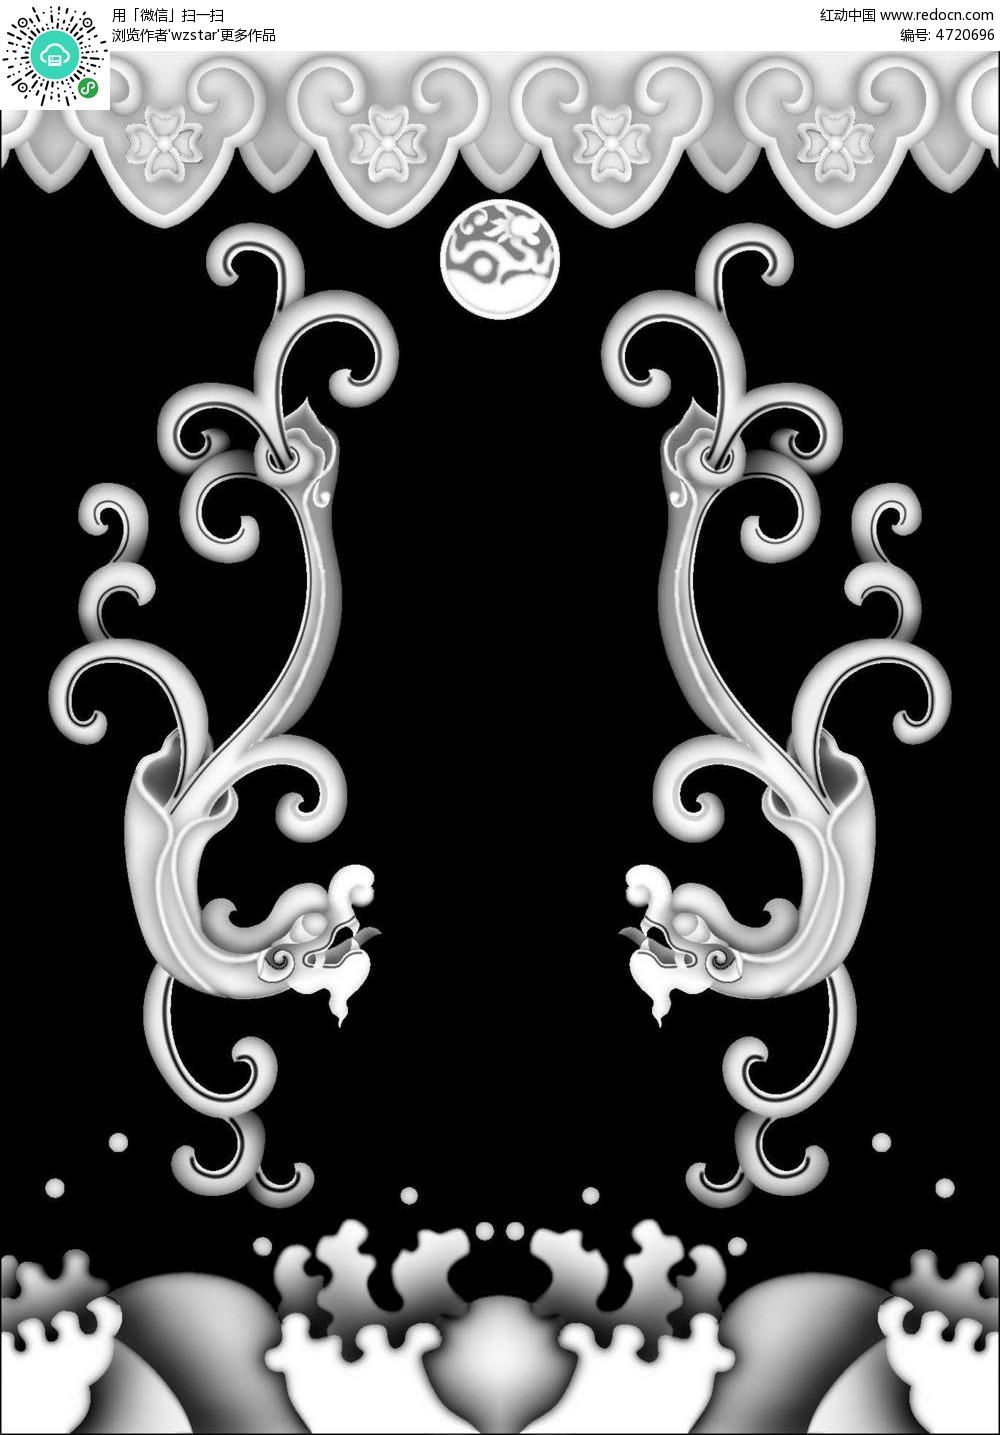 中式风格 龙纹 云纹 花纹 龙图腾 浮雕 浮雕灰度图 浮雕图模板 雕花